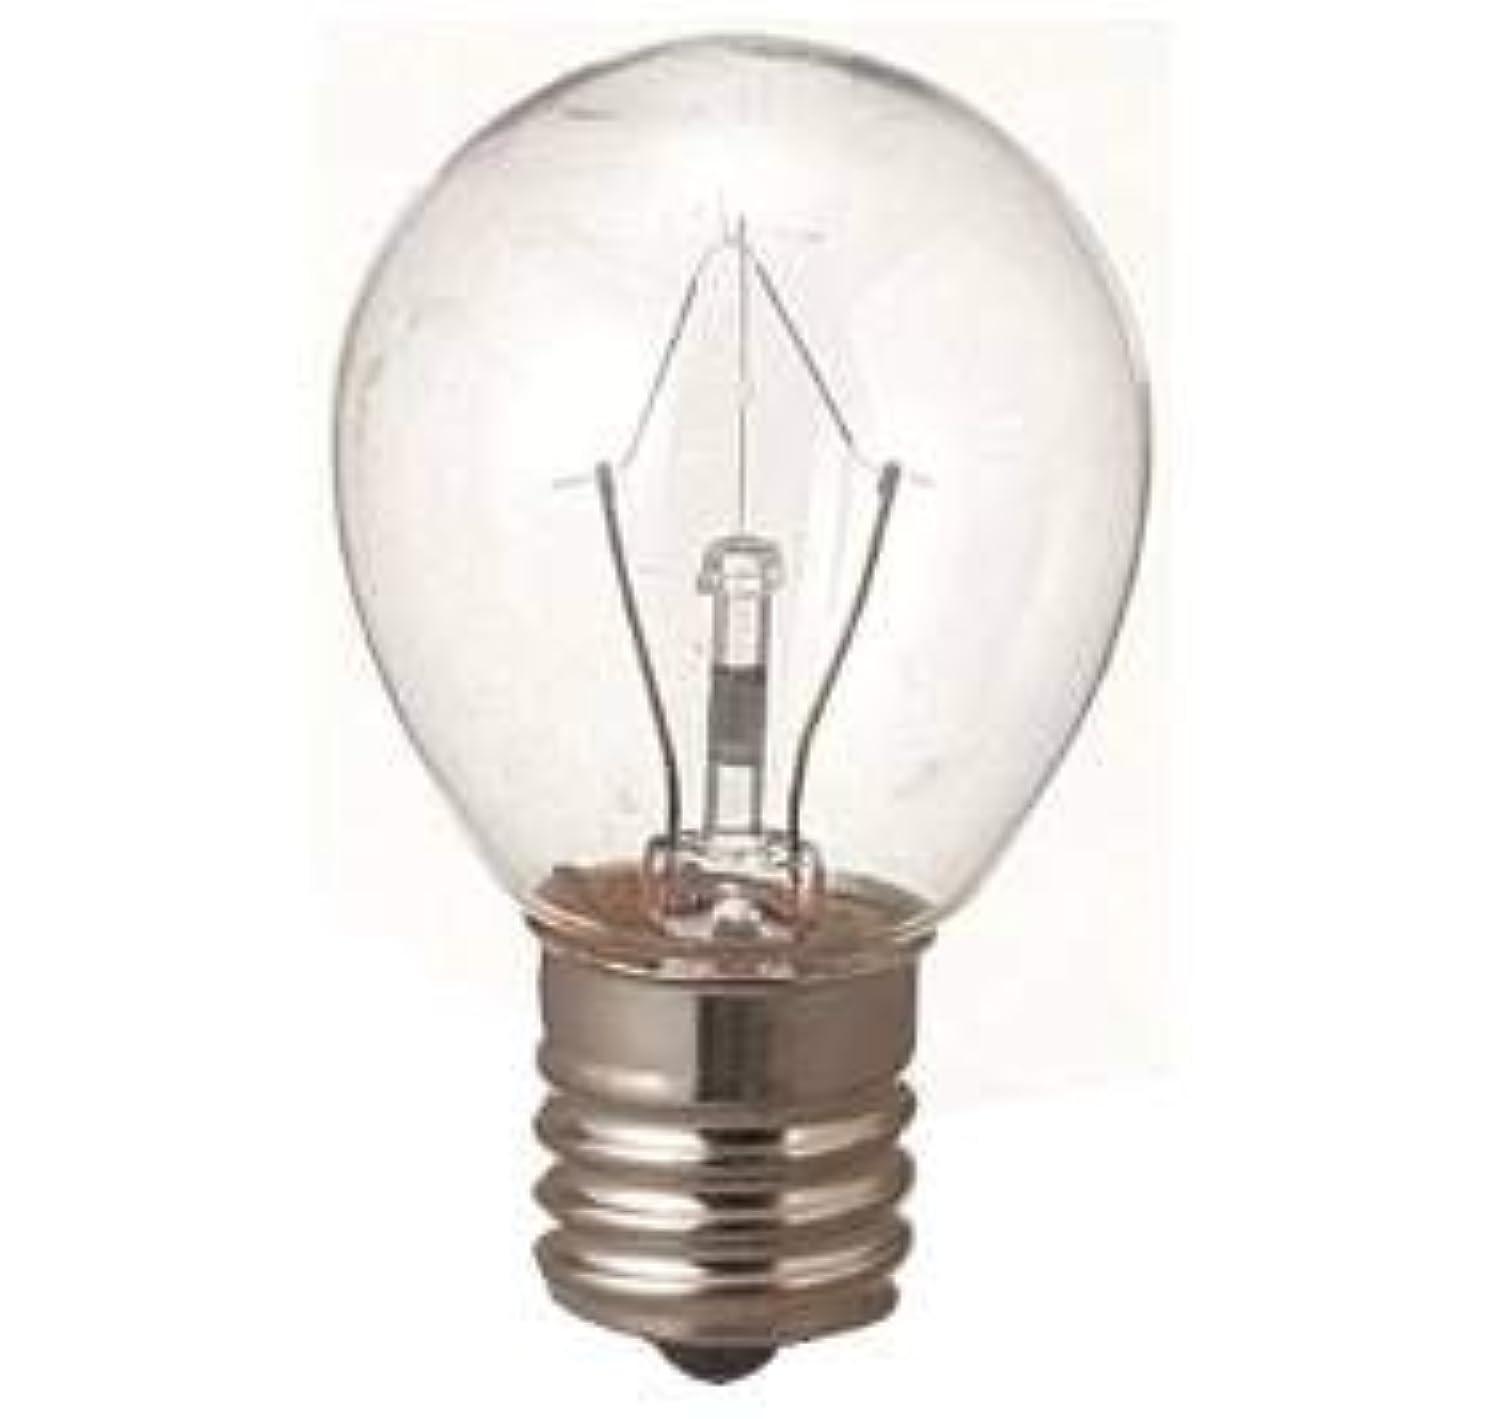 忌避剤ポゴスティックジャンプ上院議員生活の木 アロマランプM用 電球15W(サイズ:φ23×H50mm)